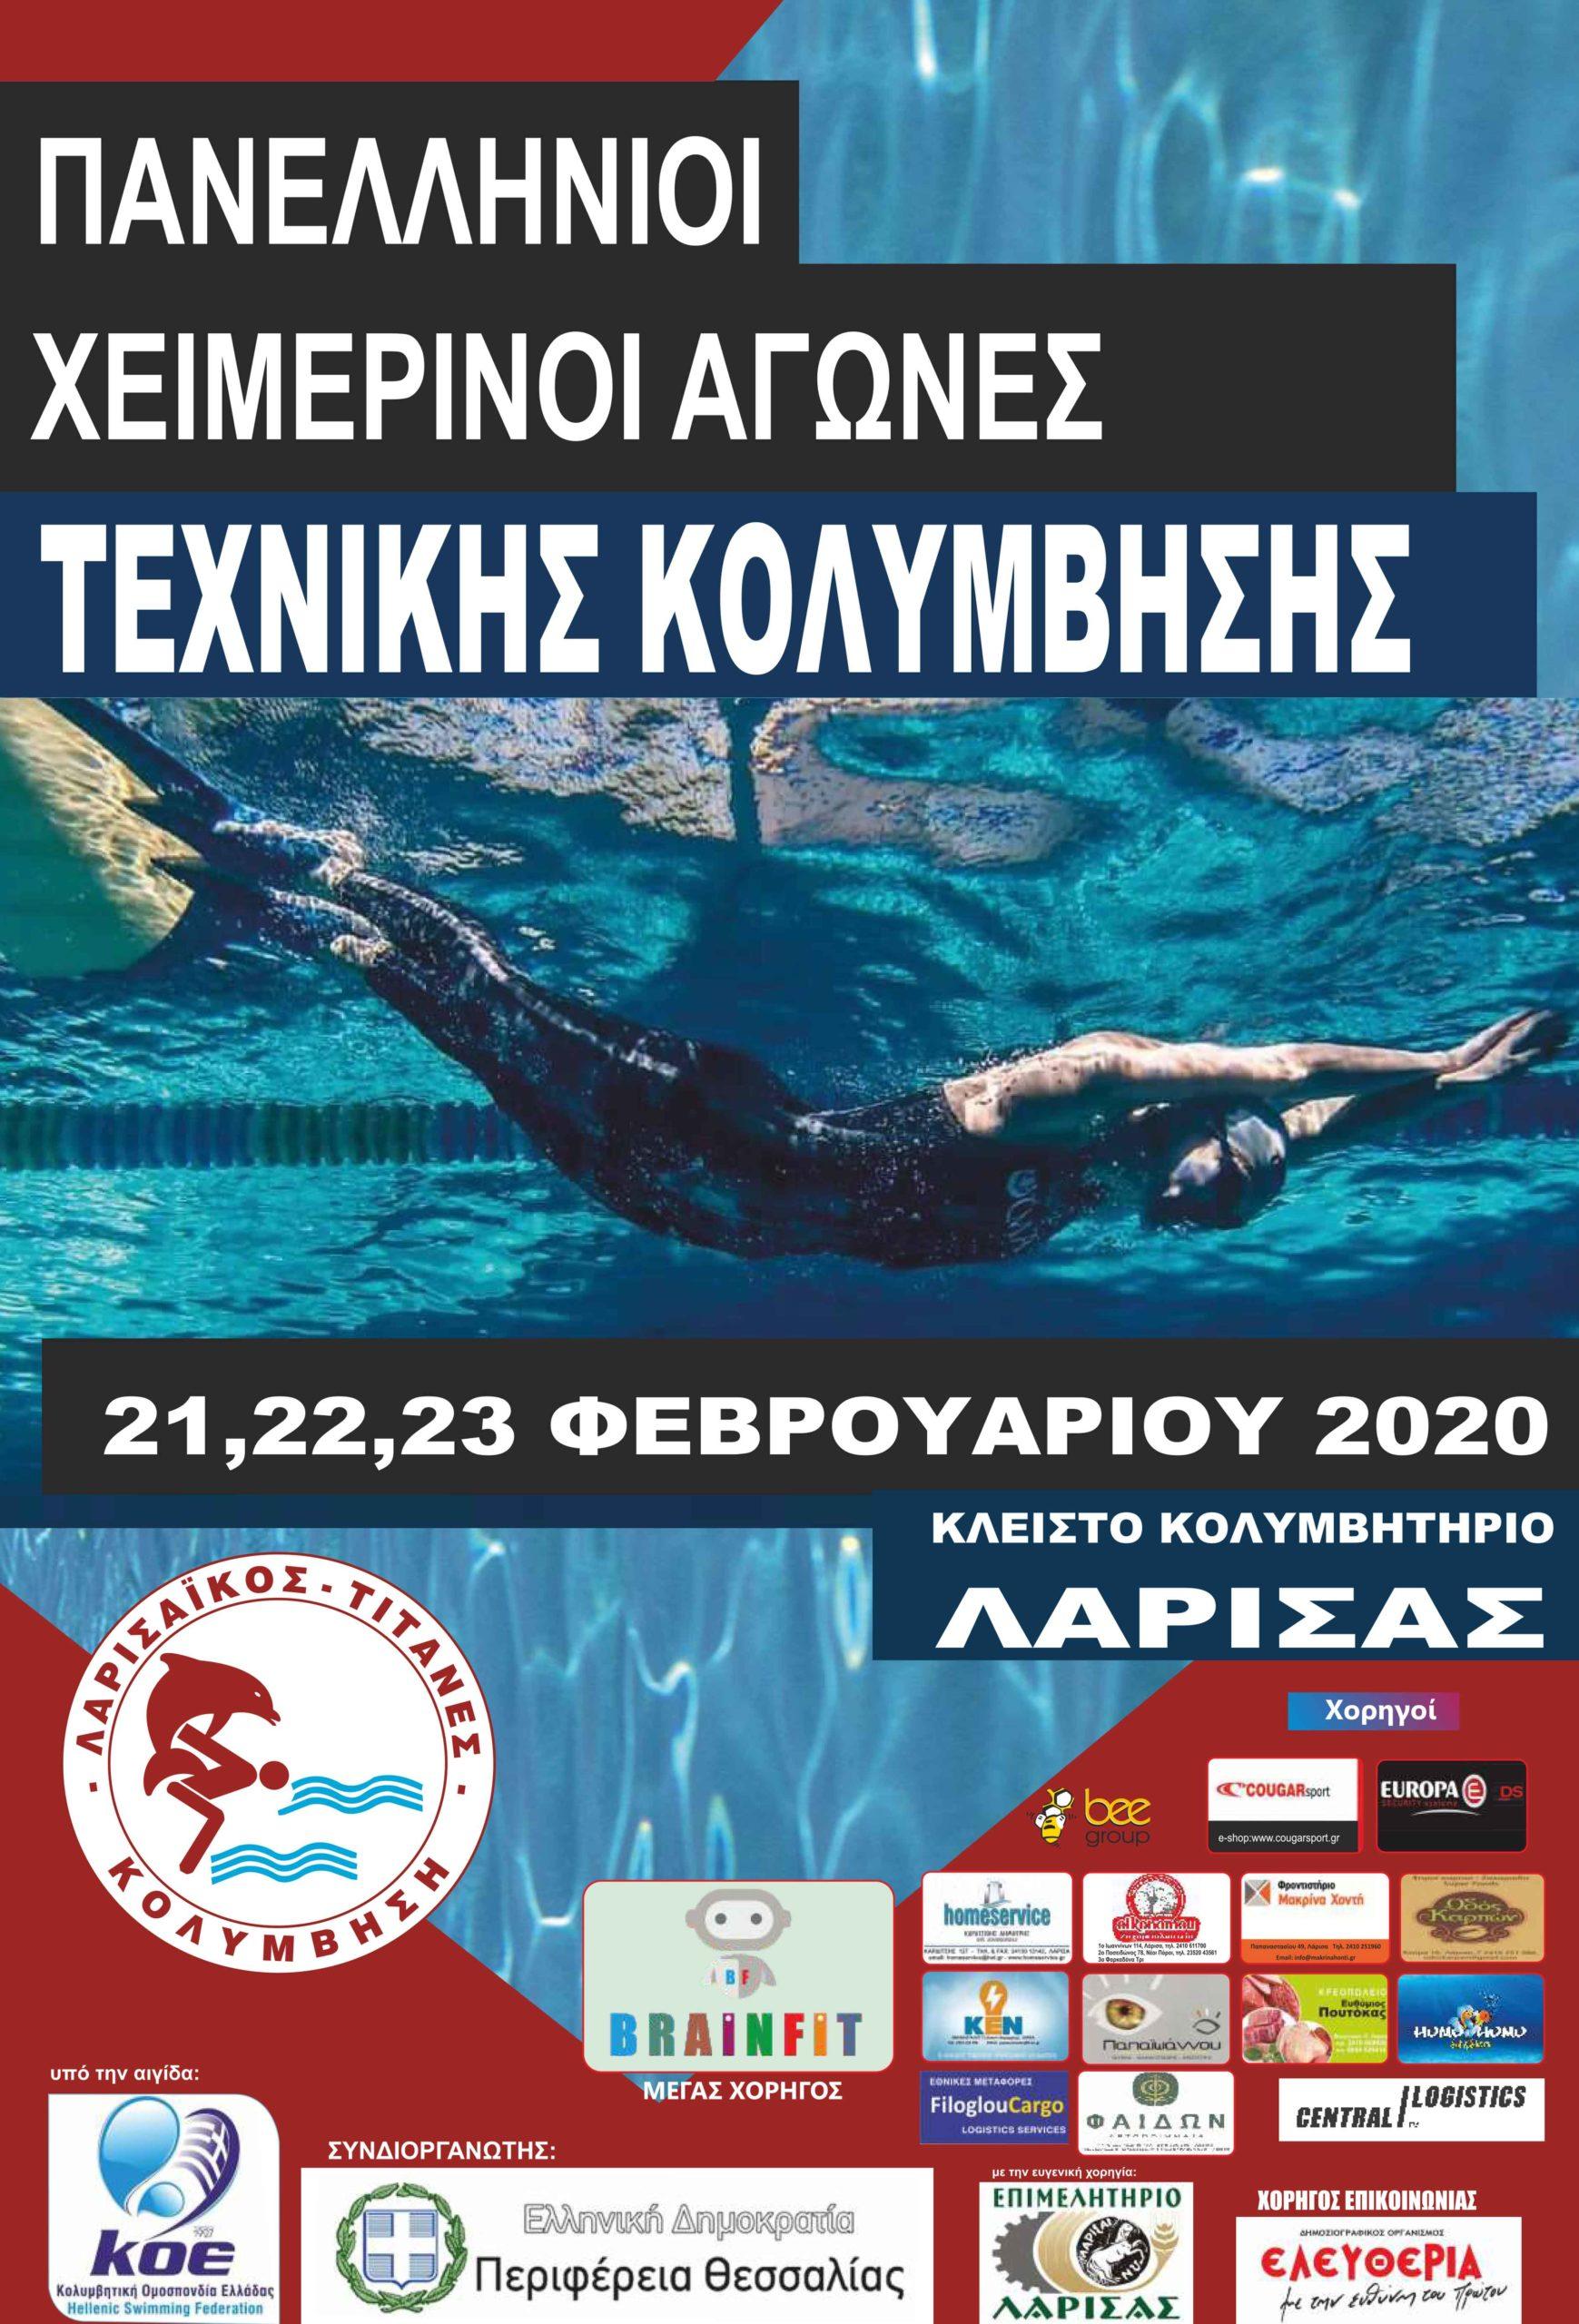 Πανελλήνιοι Χειμερινοί Αγώνες Τεχνικής Κολύμβησης